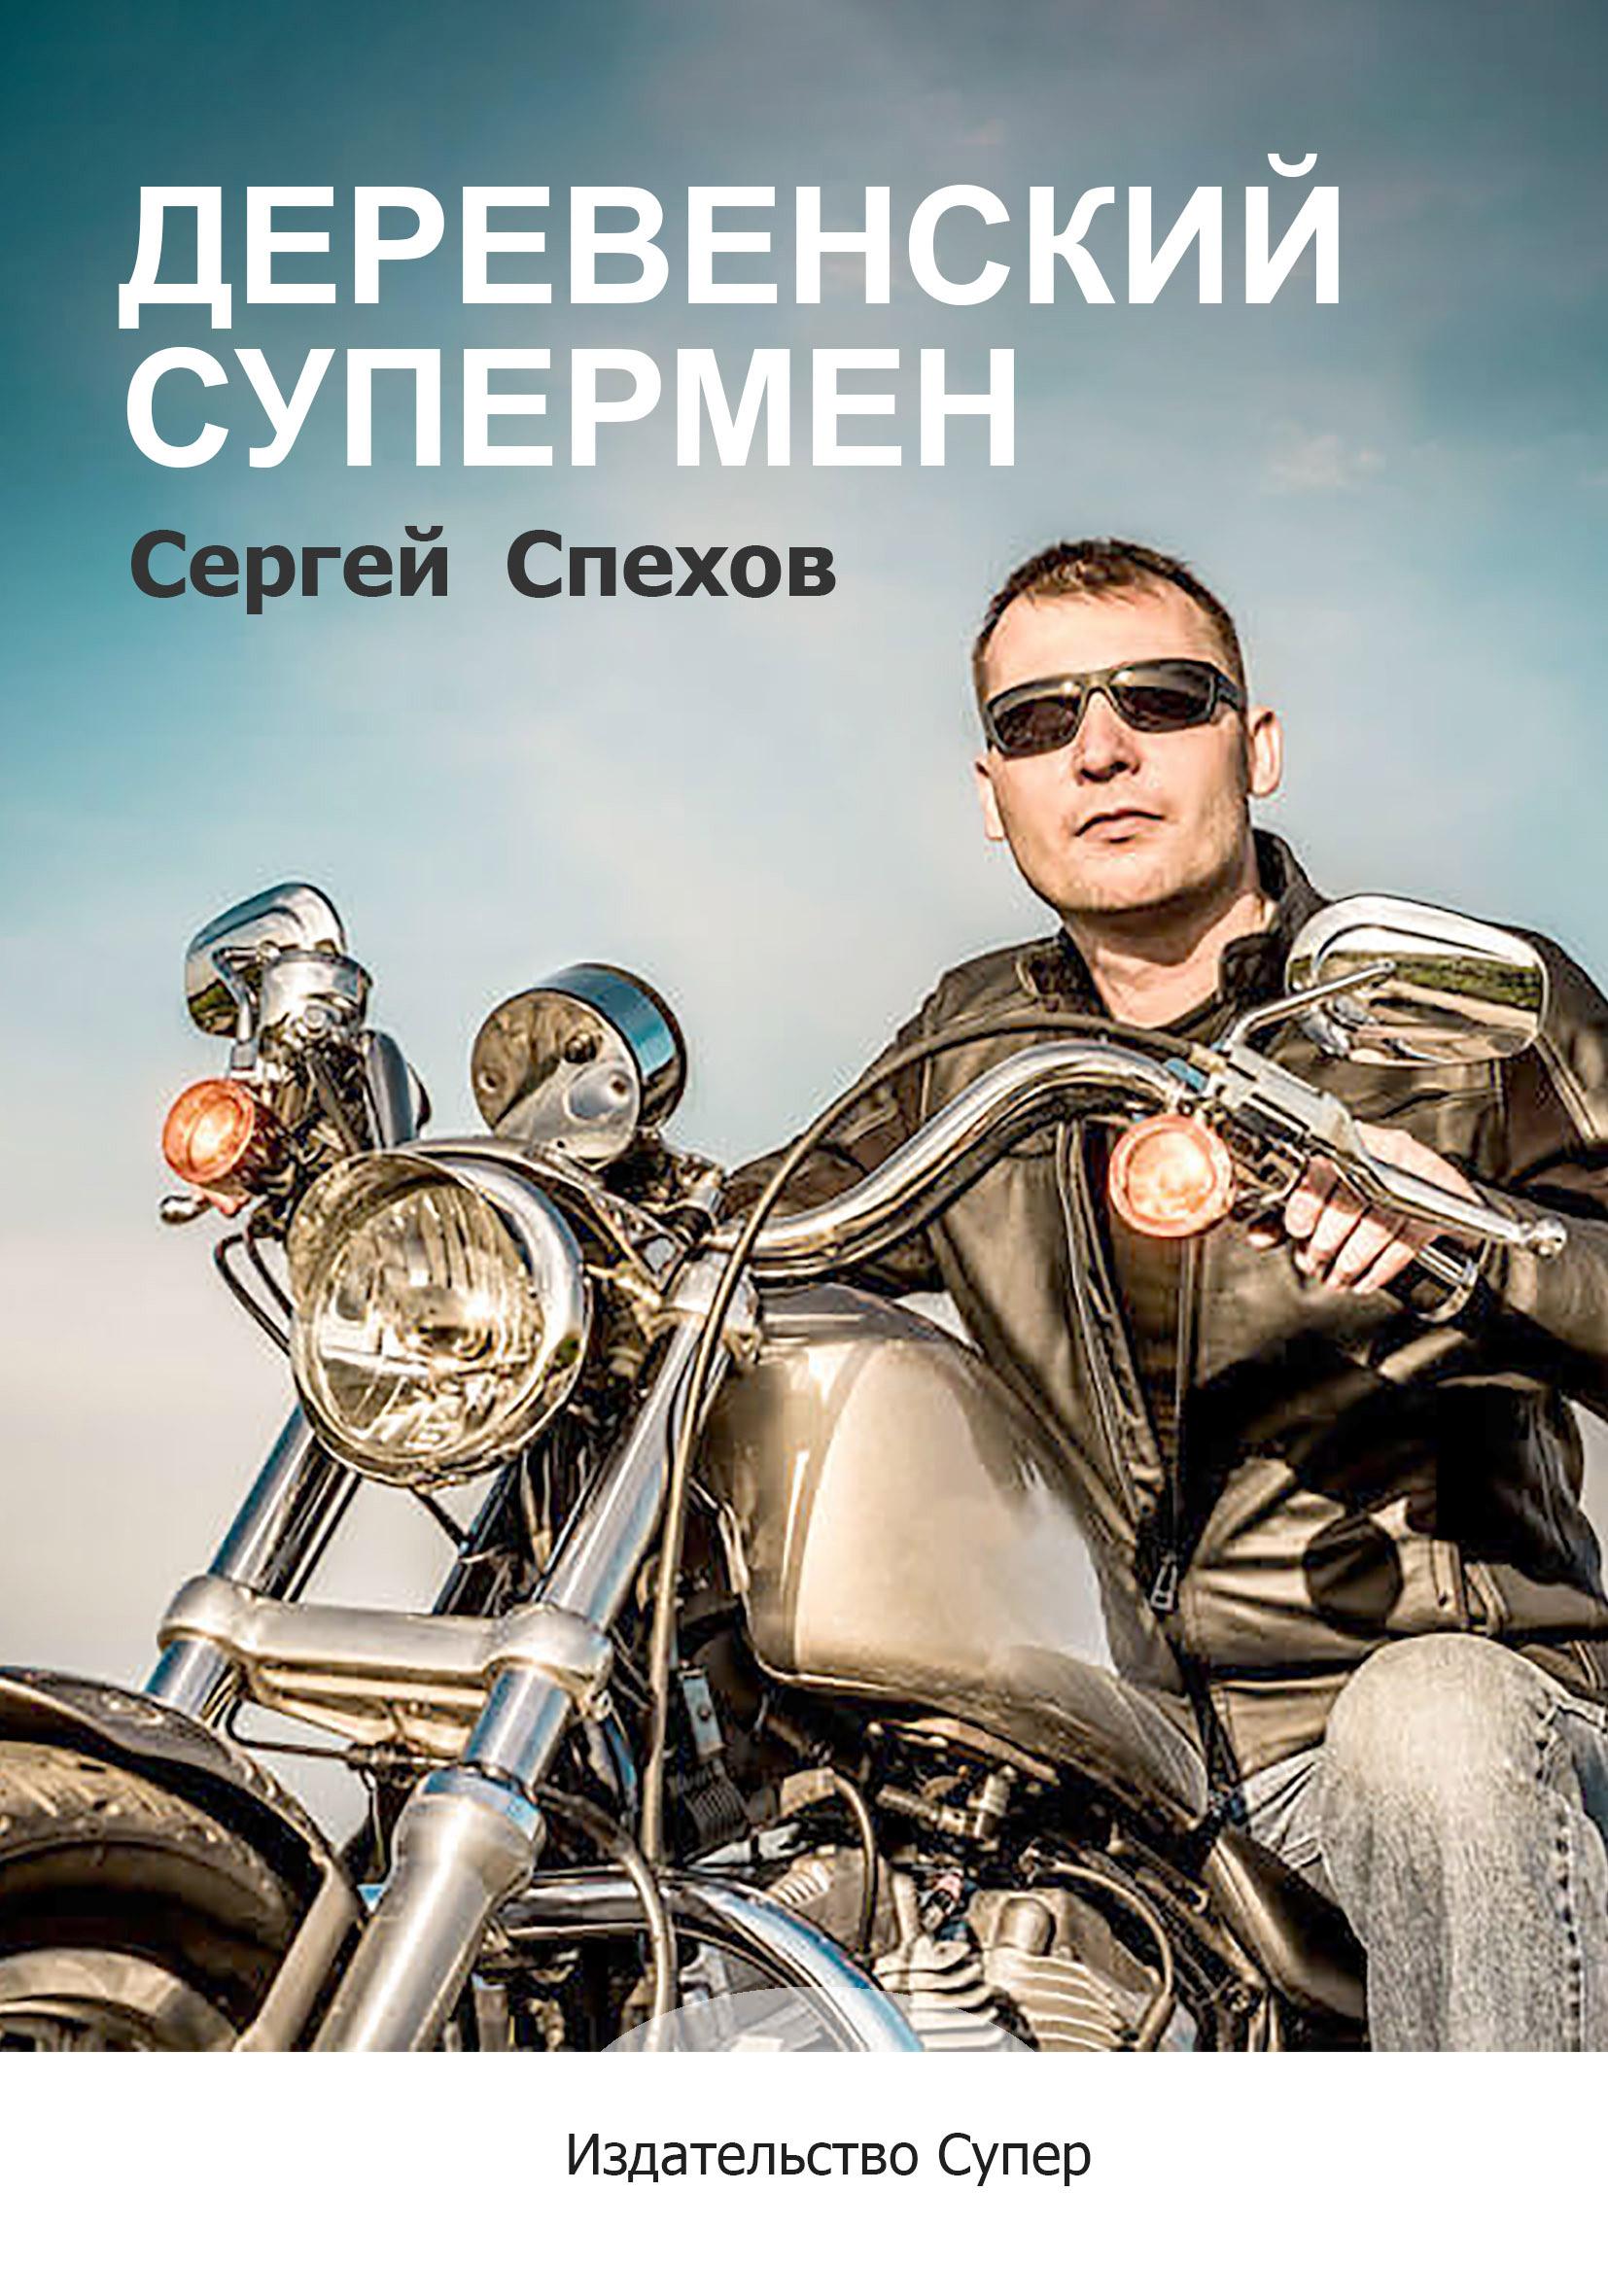 цена на Сергей Спехов Деревенский супермен (сборник)